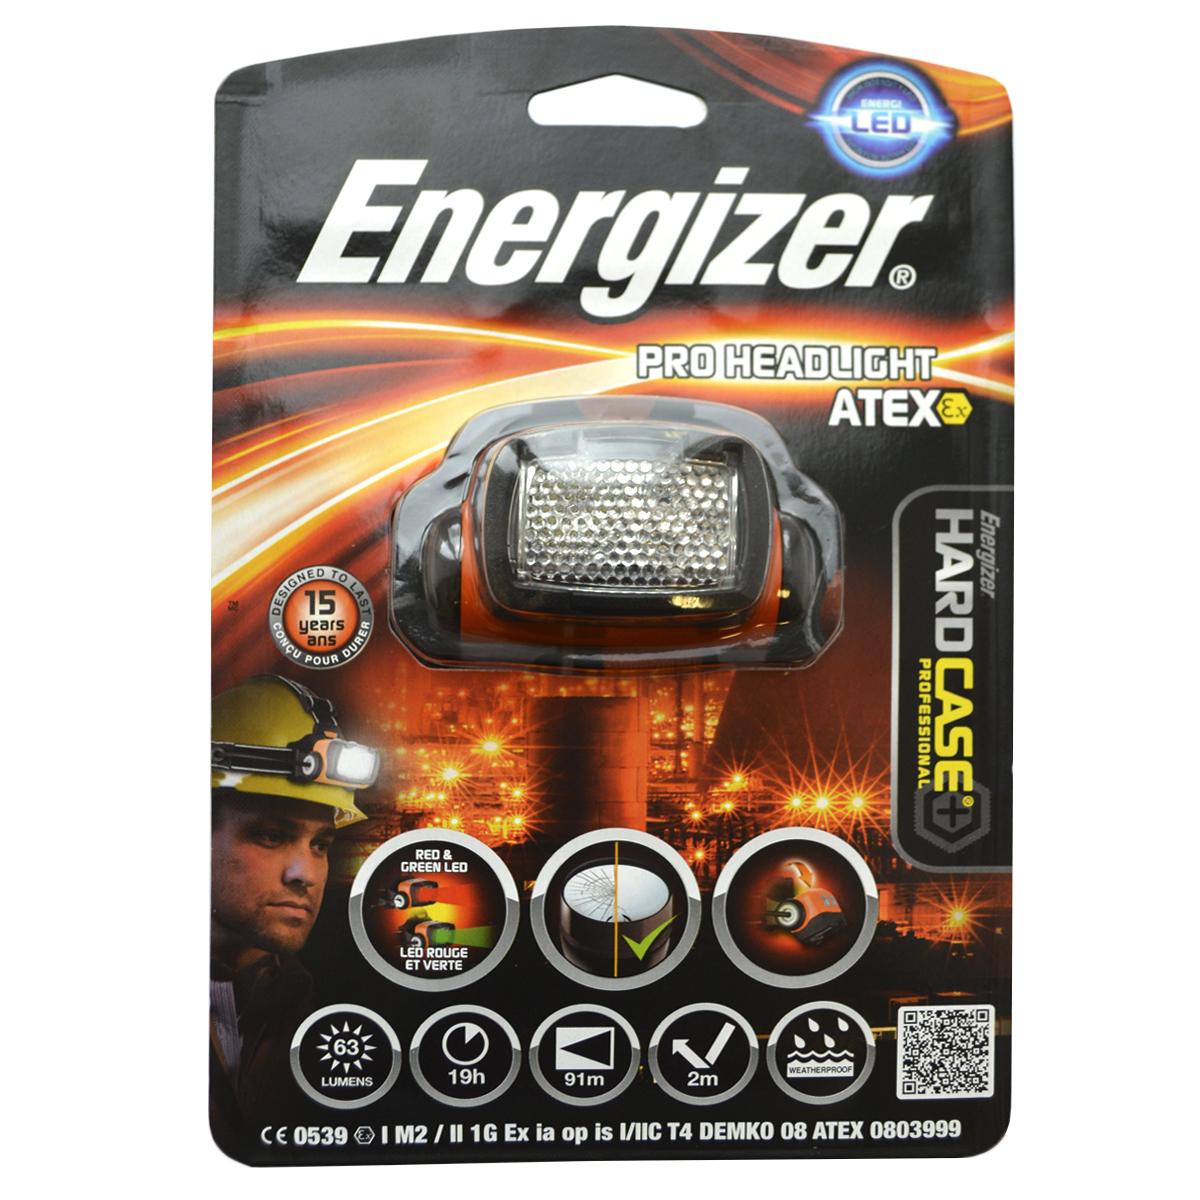 Налобный фонарь Energizer ATEX HLKOC-H19-LED1-й класс, 1-й разрядПоворотный световой блок позволяет направлять луч туда, куда нужноПоддерживает четыре режима свечения – сильный и слабый белый, красный для ночного видения и зеленый для осмотраУбирающиеся линзы, рассеивающие направленный свет, чтобы обеспечить яркое зональное освещениеРасположенный сзади батарейный блок равномерно распределяет вес для комфортного ношенияНескользящий ремень надежно фиксирует фонарьЧрезвычайно длительный срок службы – рассчитан на 15 летБезосколочные линзыРаботает от 3 батареек типоразмера AA